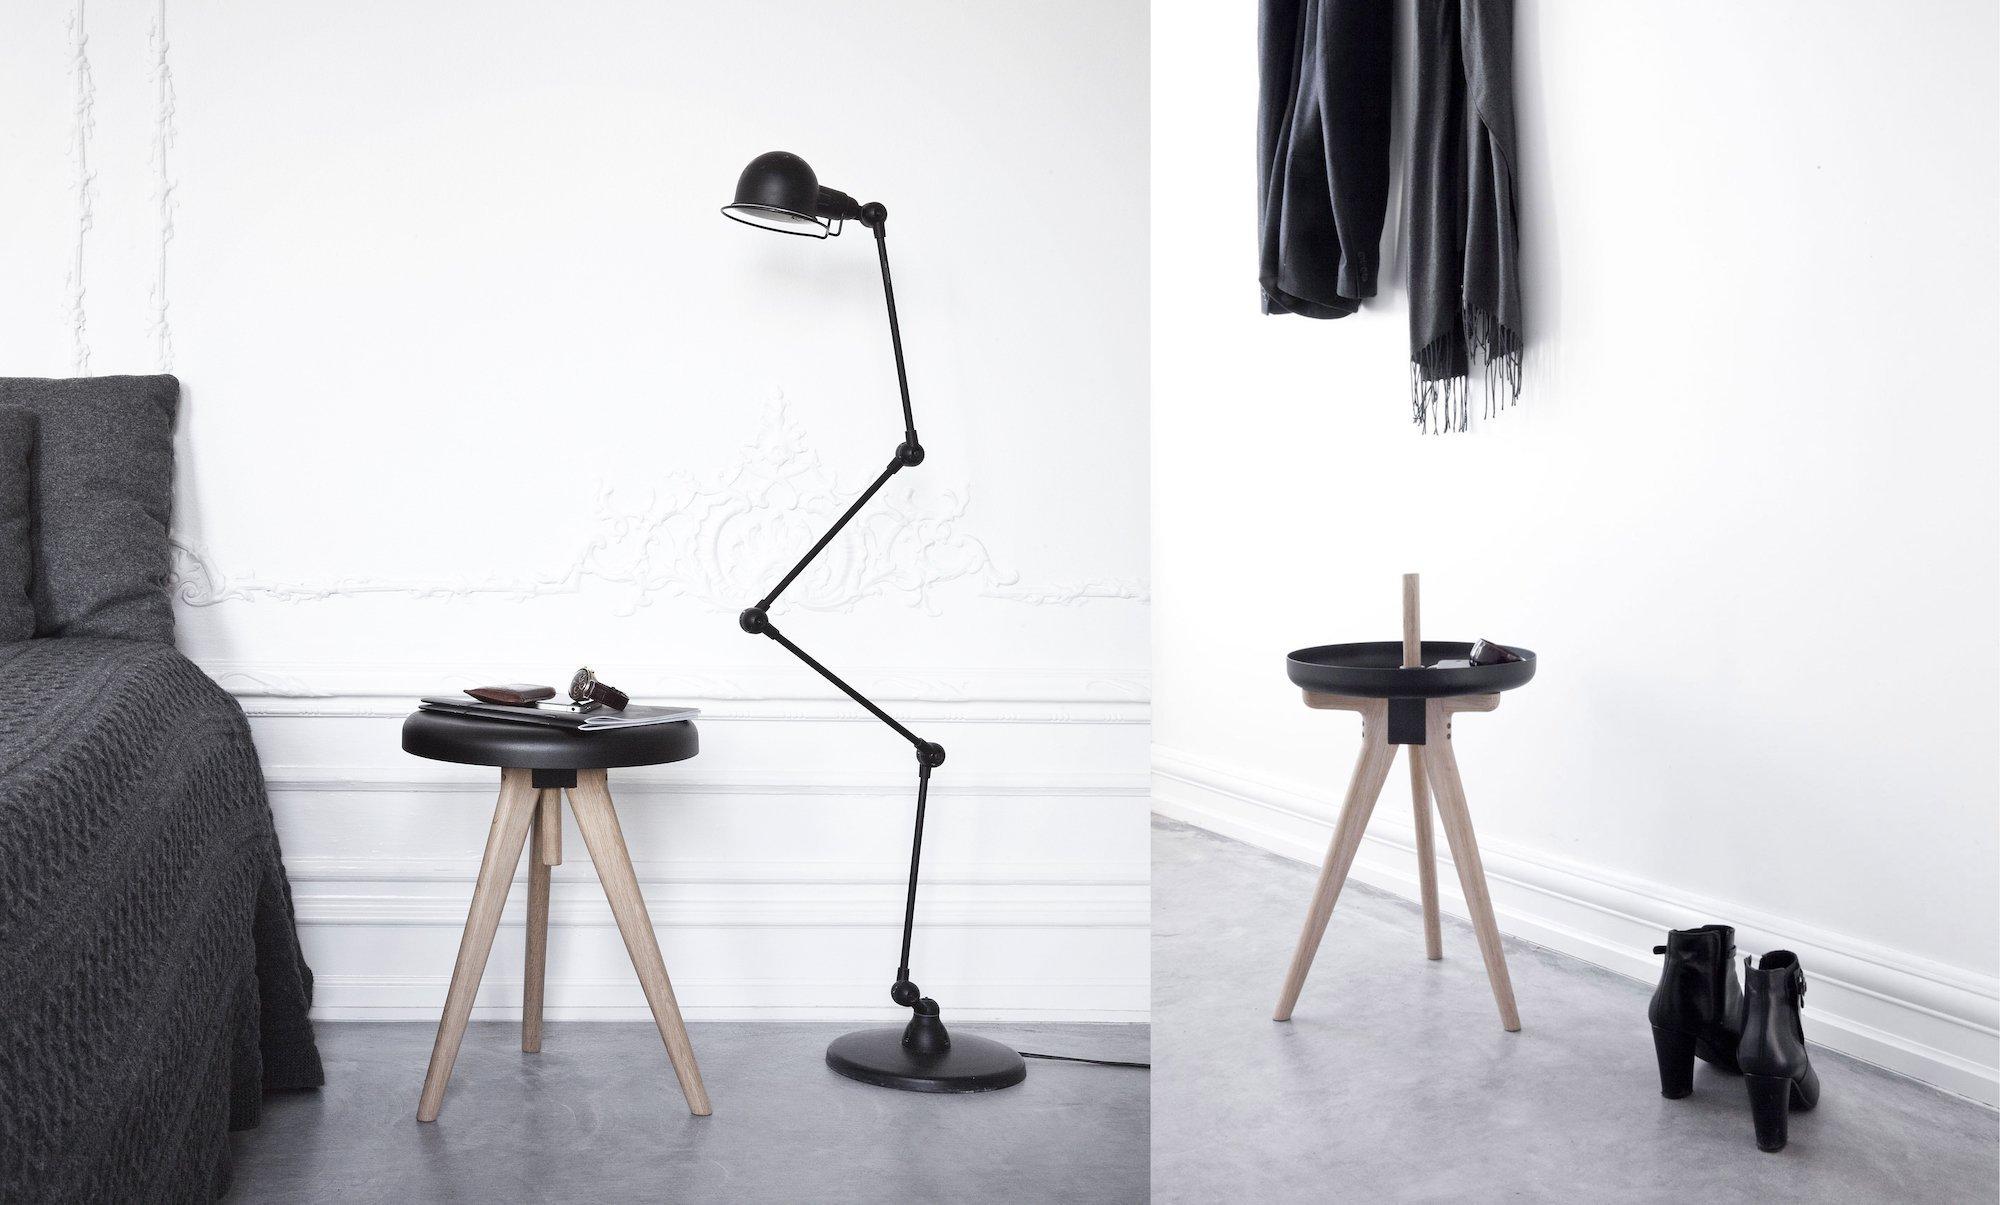 Jednou odkládací stolek, podruhé stolička - Flip Around od značky Menu